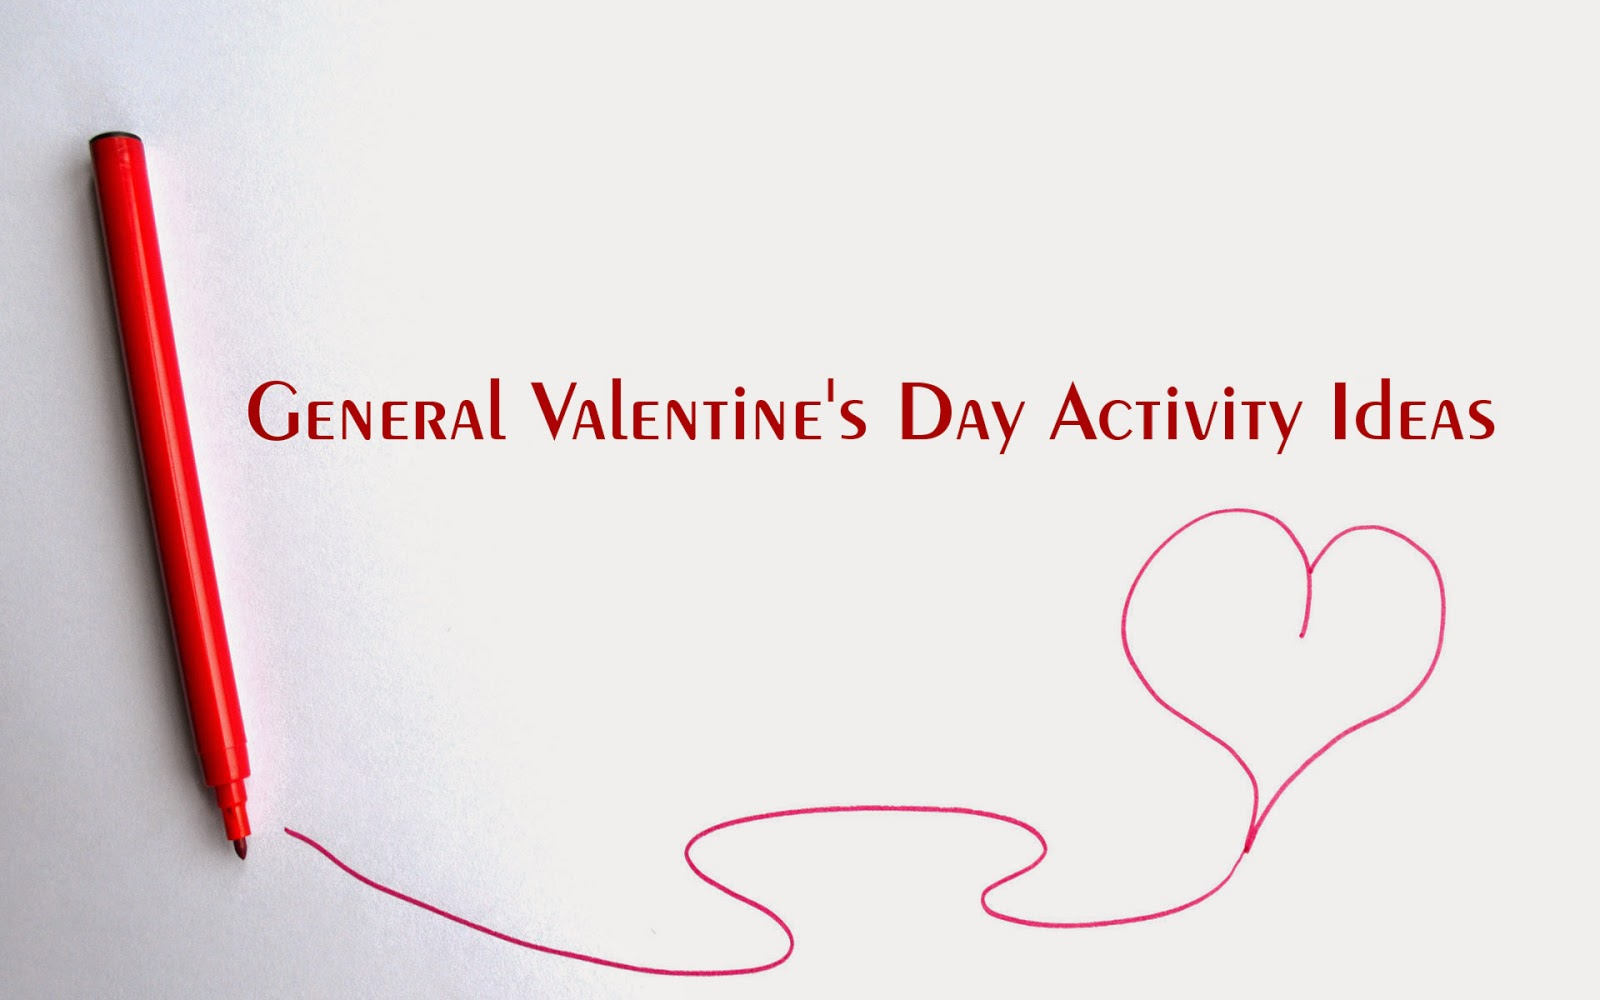 General Valentine's Day Activity Ideas